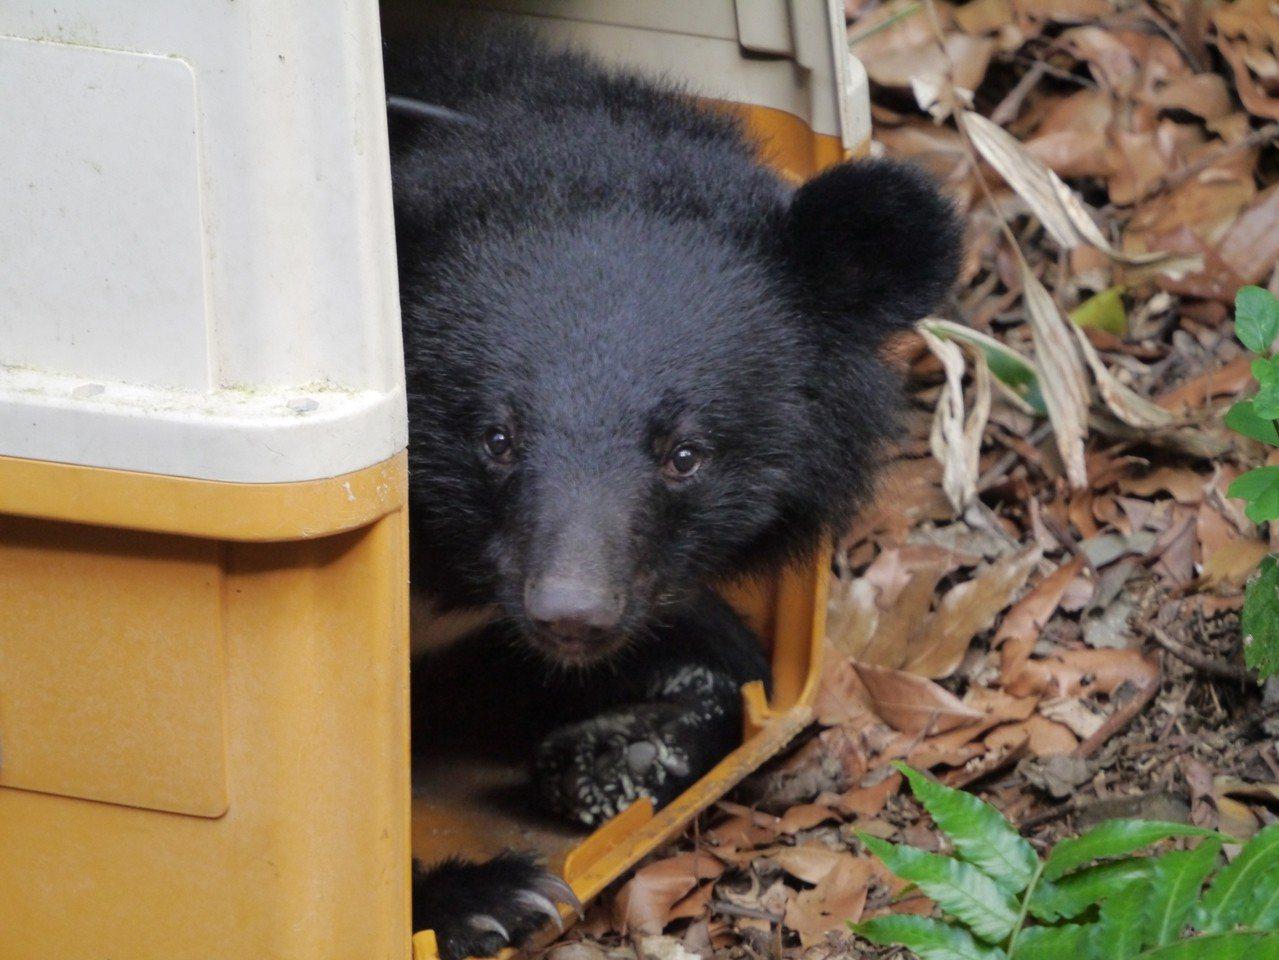 但就在即將要完美野放的南安小熊,卻被媒體獨家跟拍,讓保育、救援工作失了焦點。圖/...